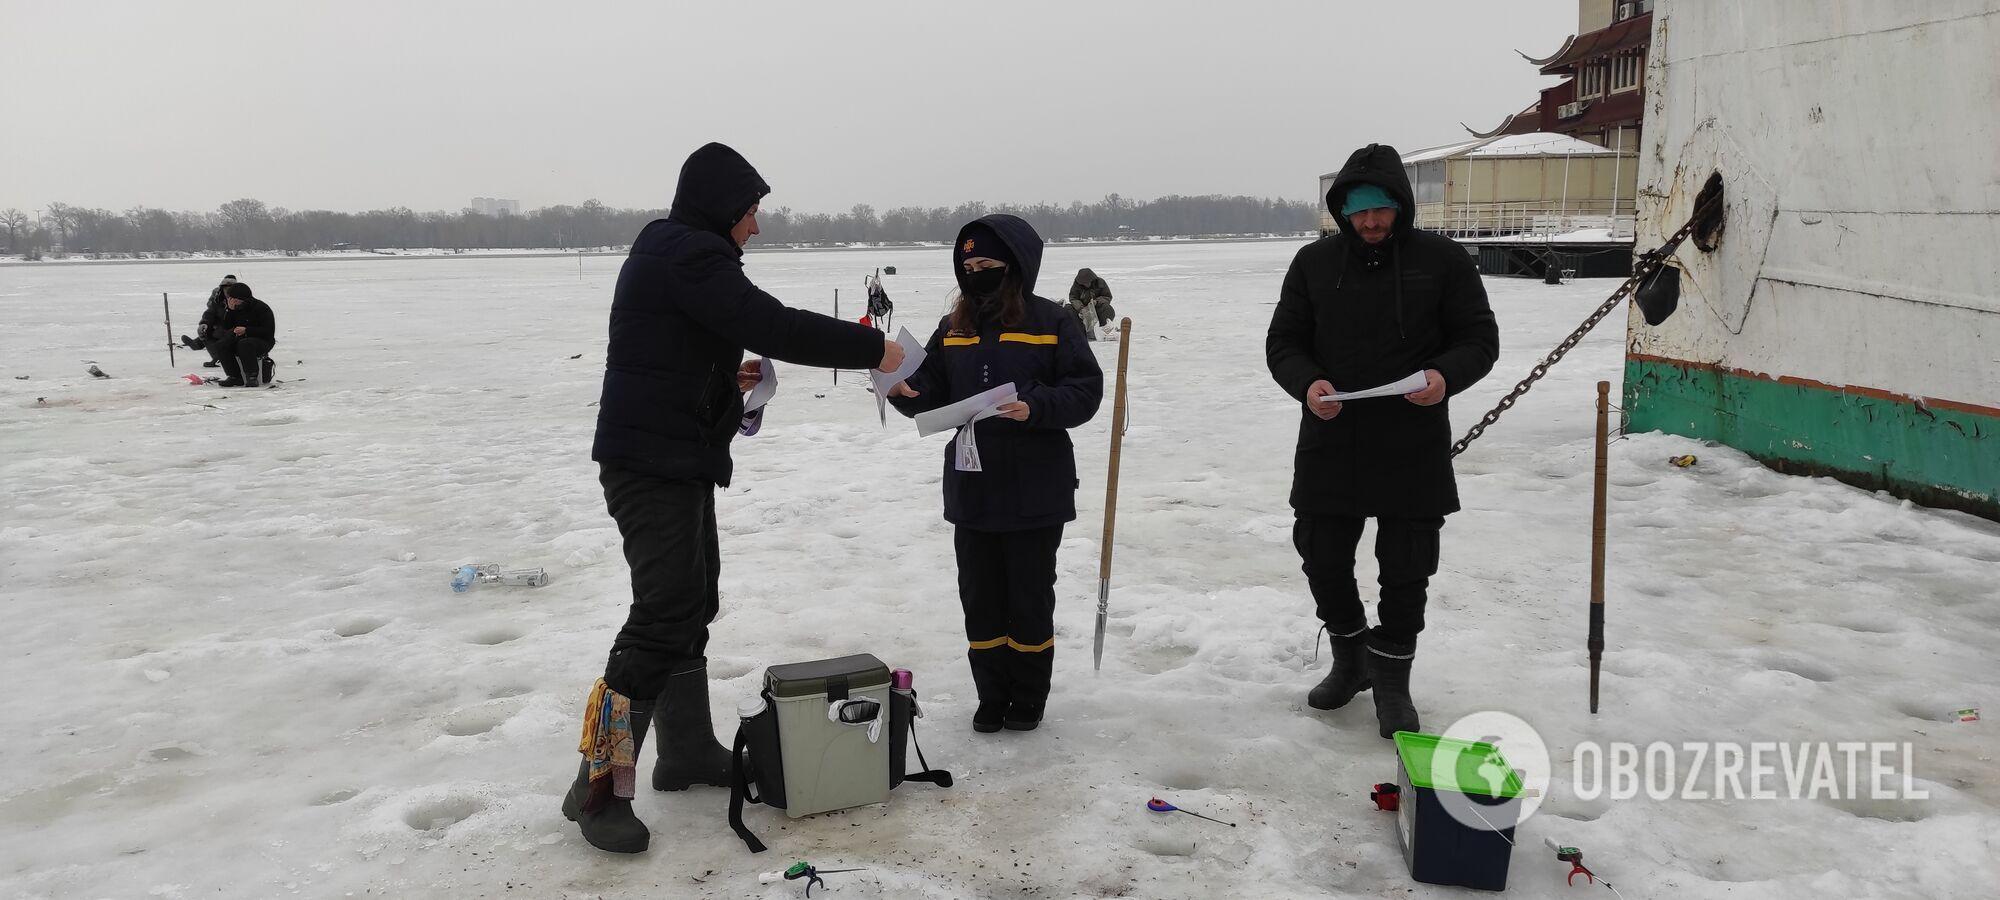 Спасатели провели профилактический рейд на льду